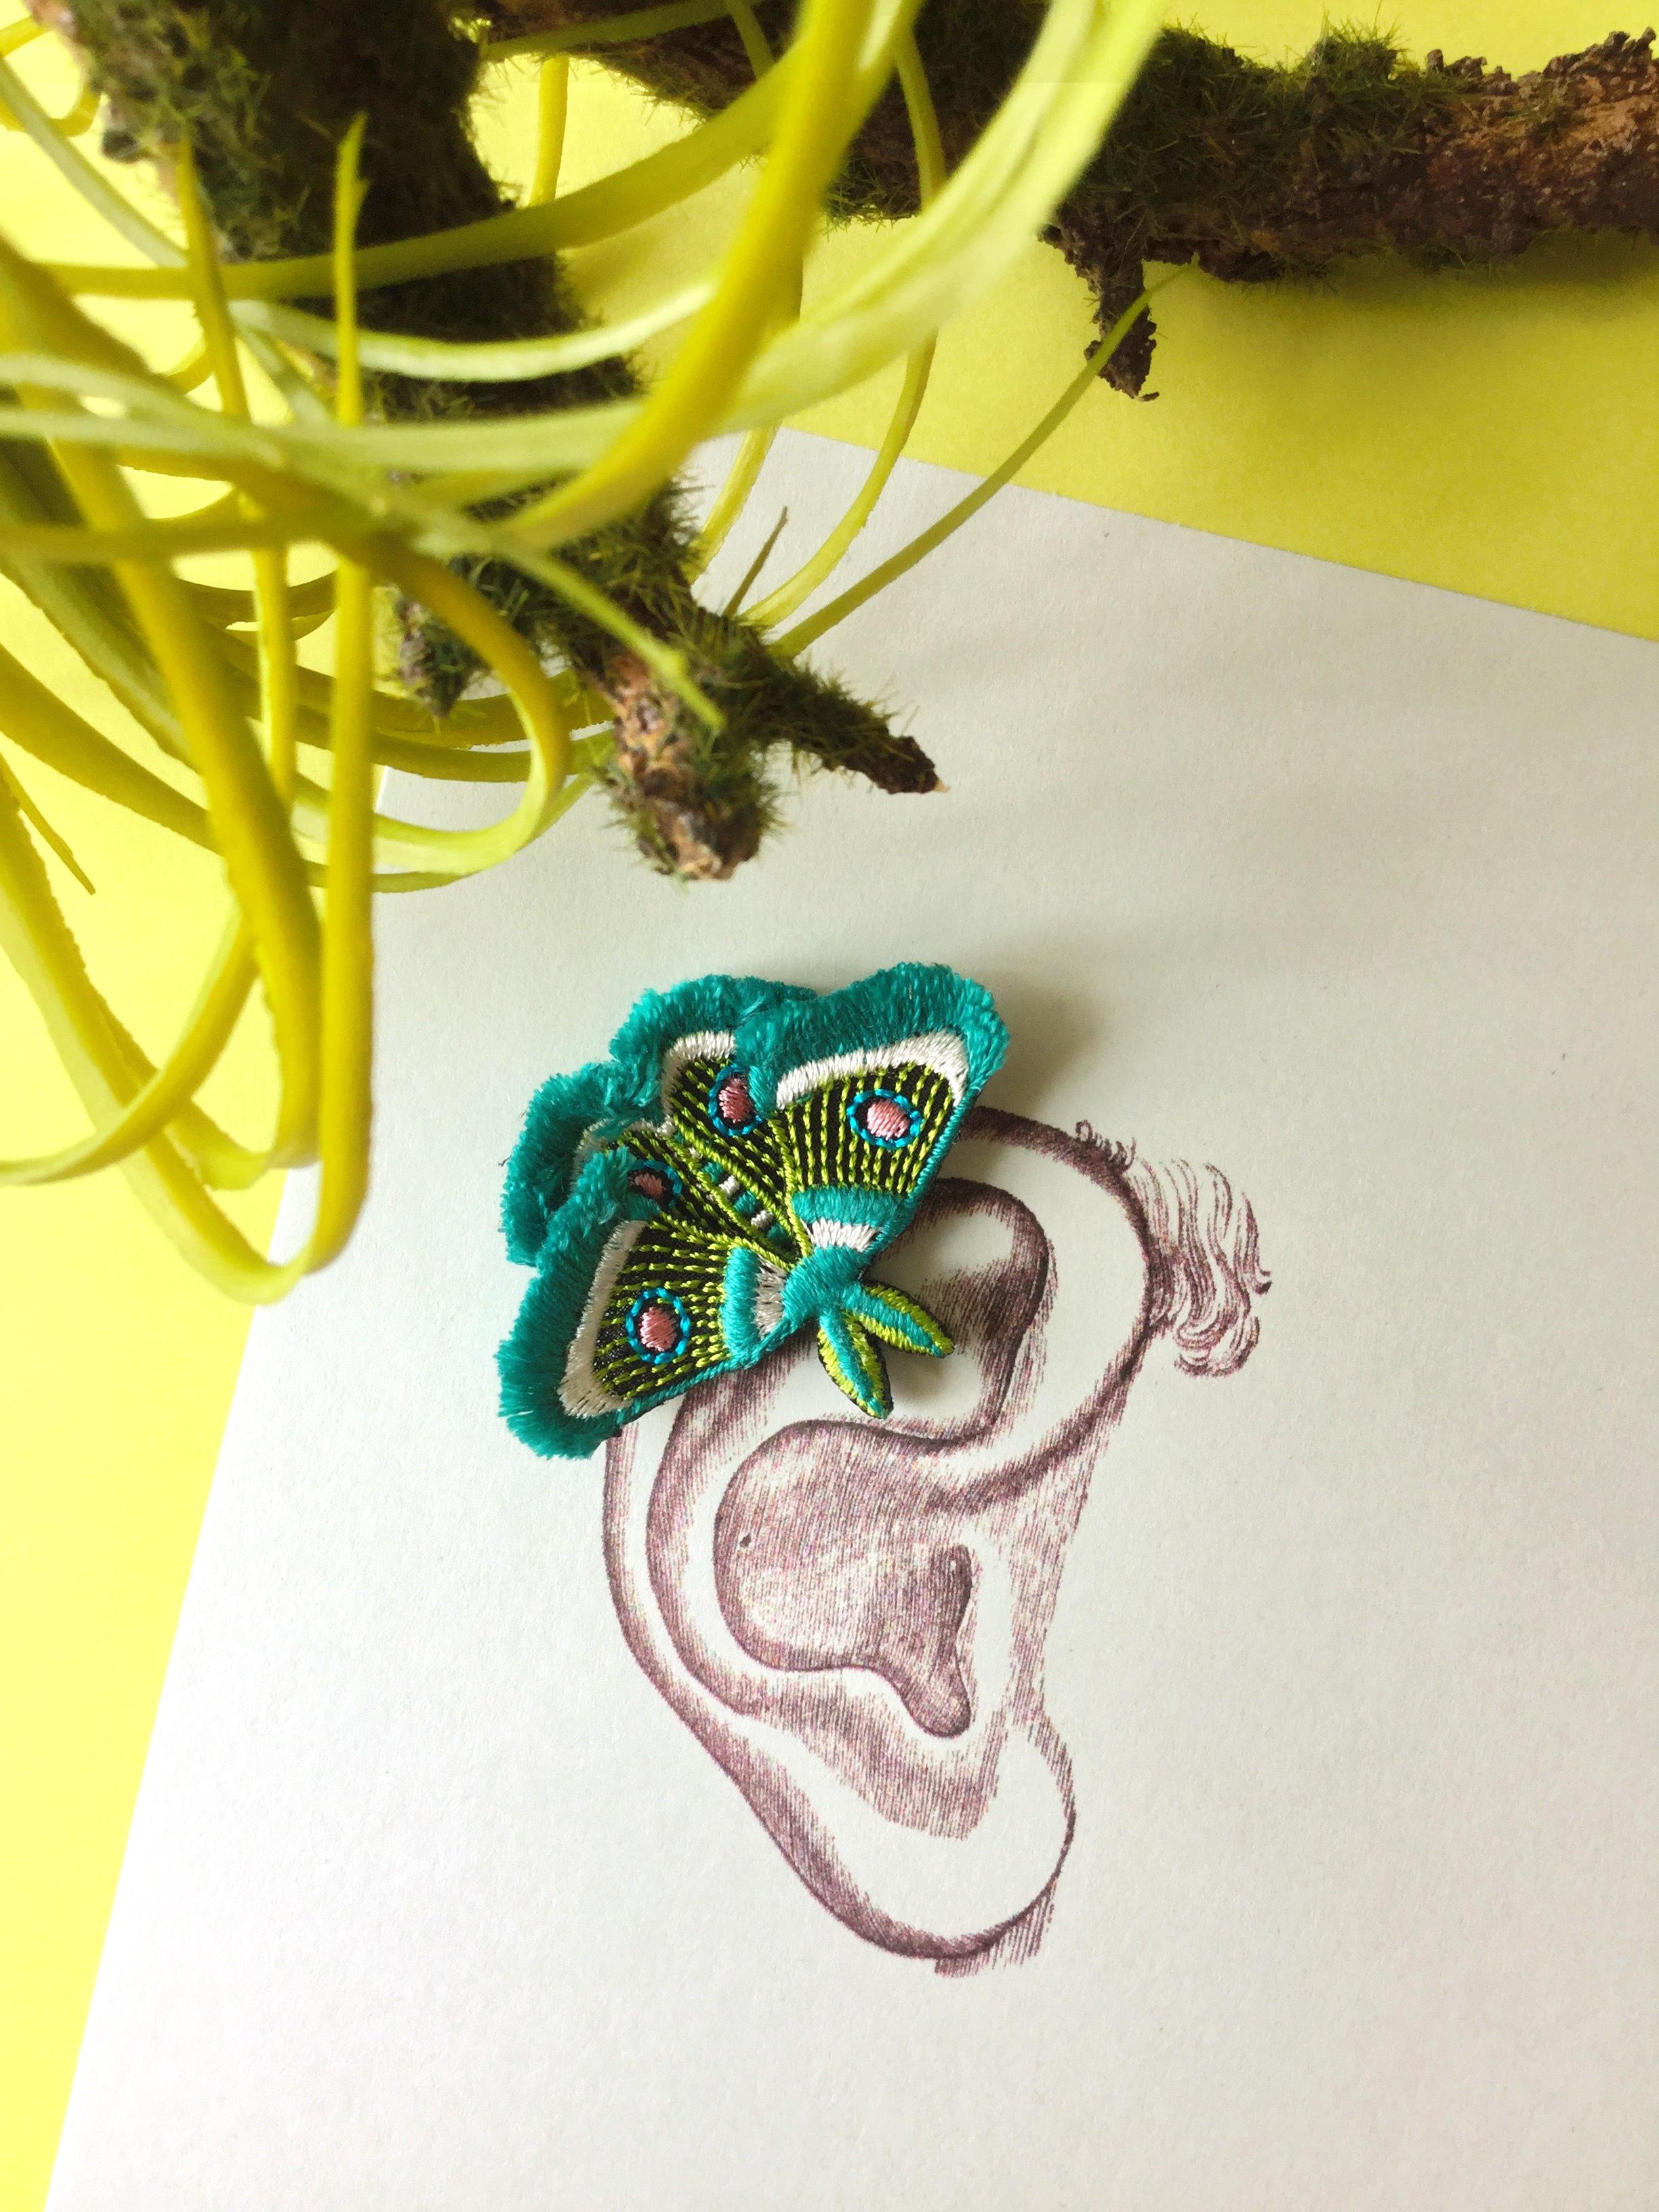 ARRO / 刺繍 / イヤークリップ / ピアス / MOTH / green